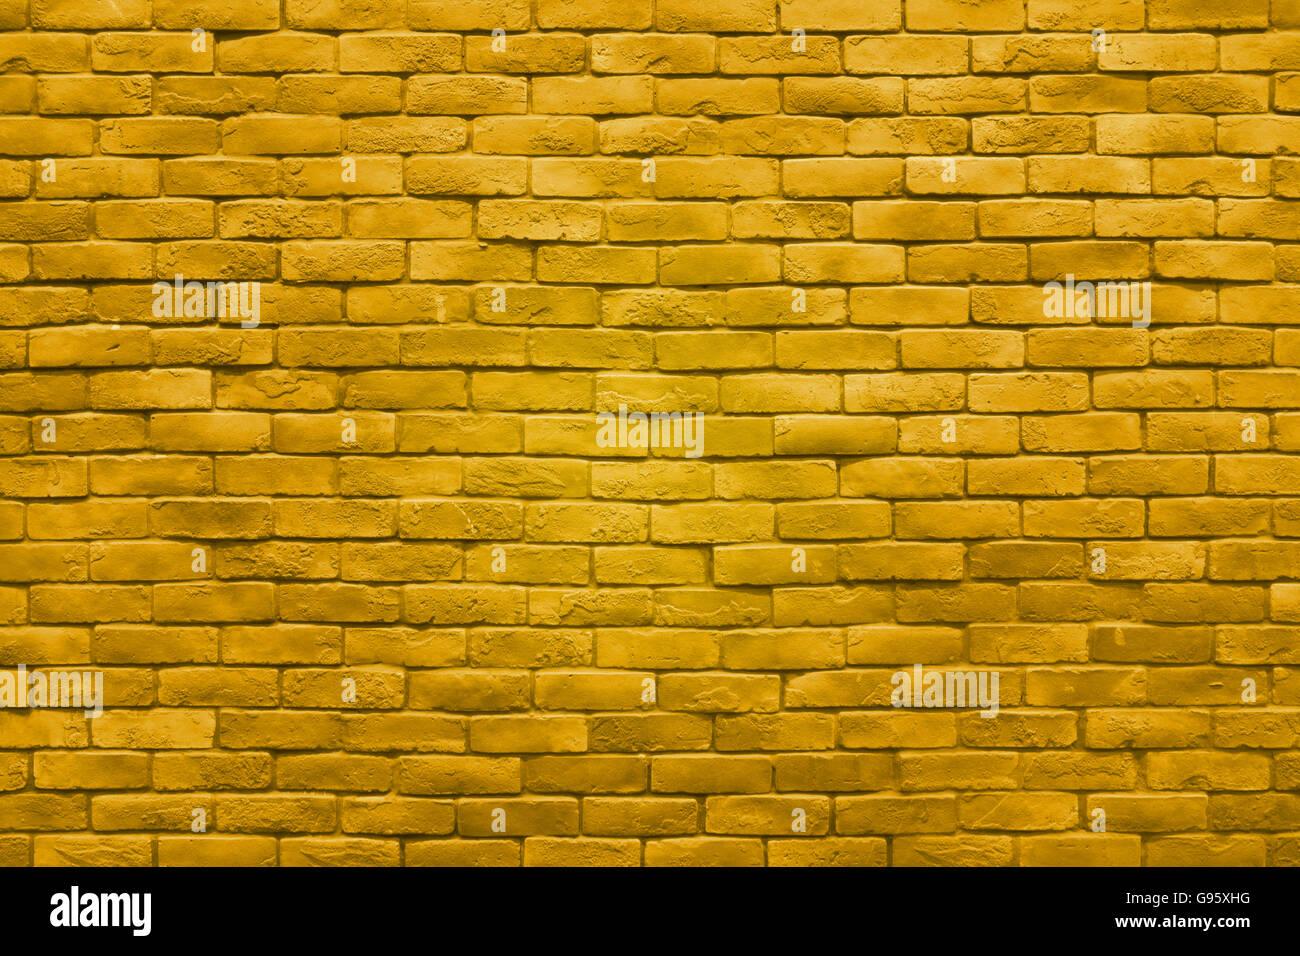 https www alamyimages fr photo image la texture du mur de brique en or jaune fond couleur 108924748 html